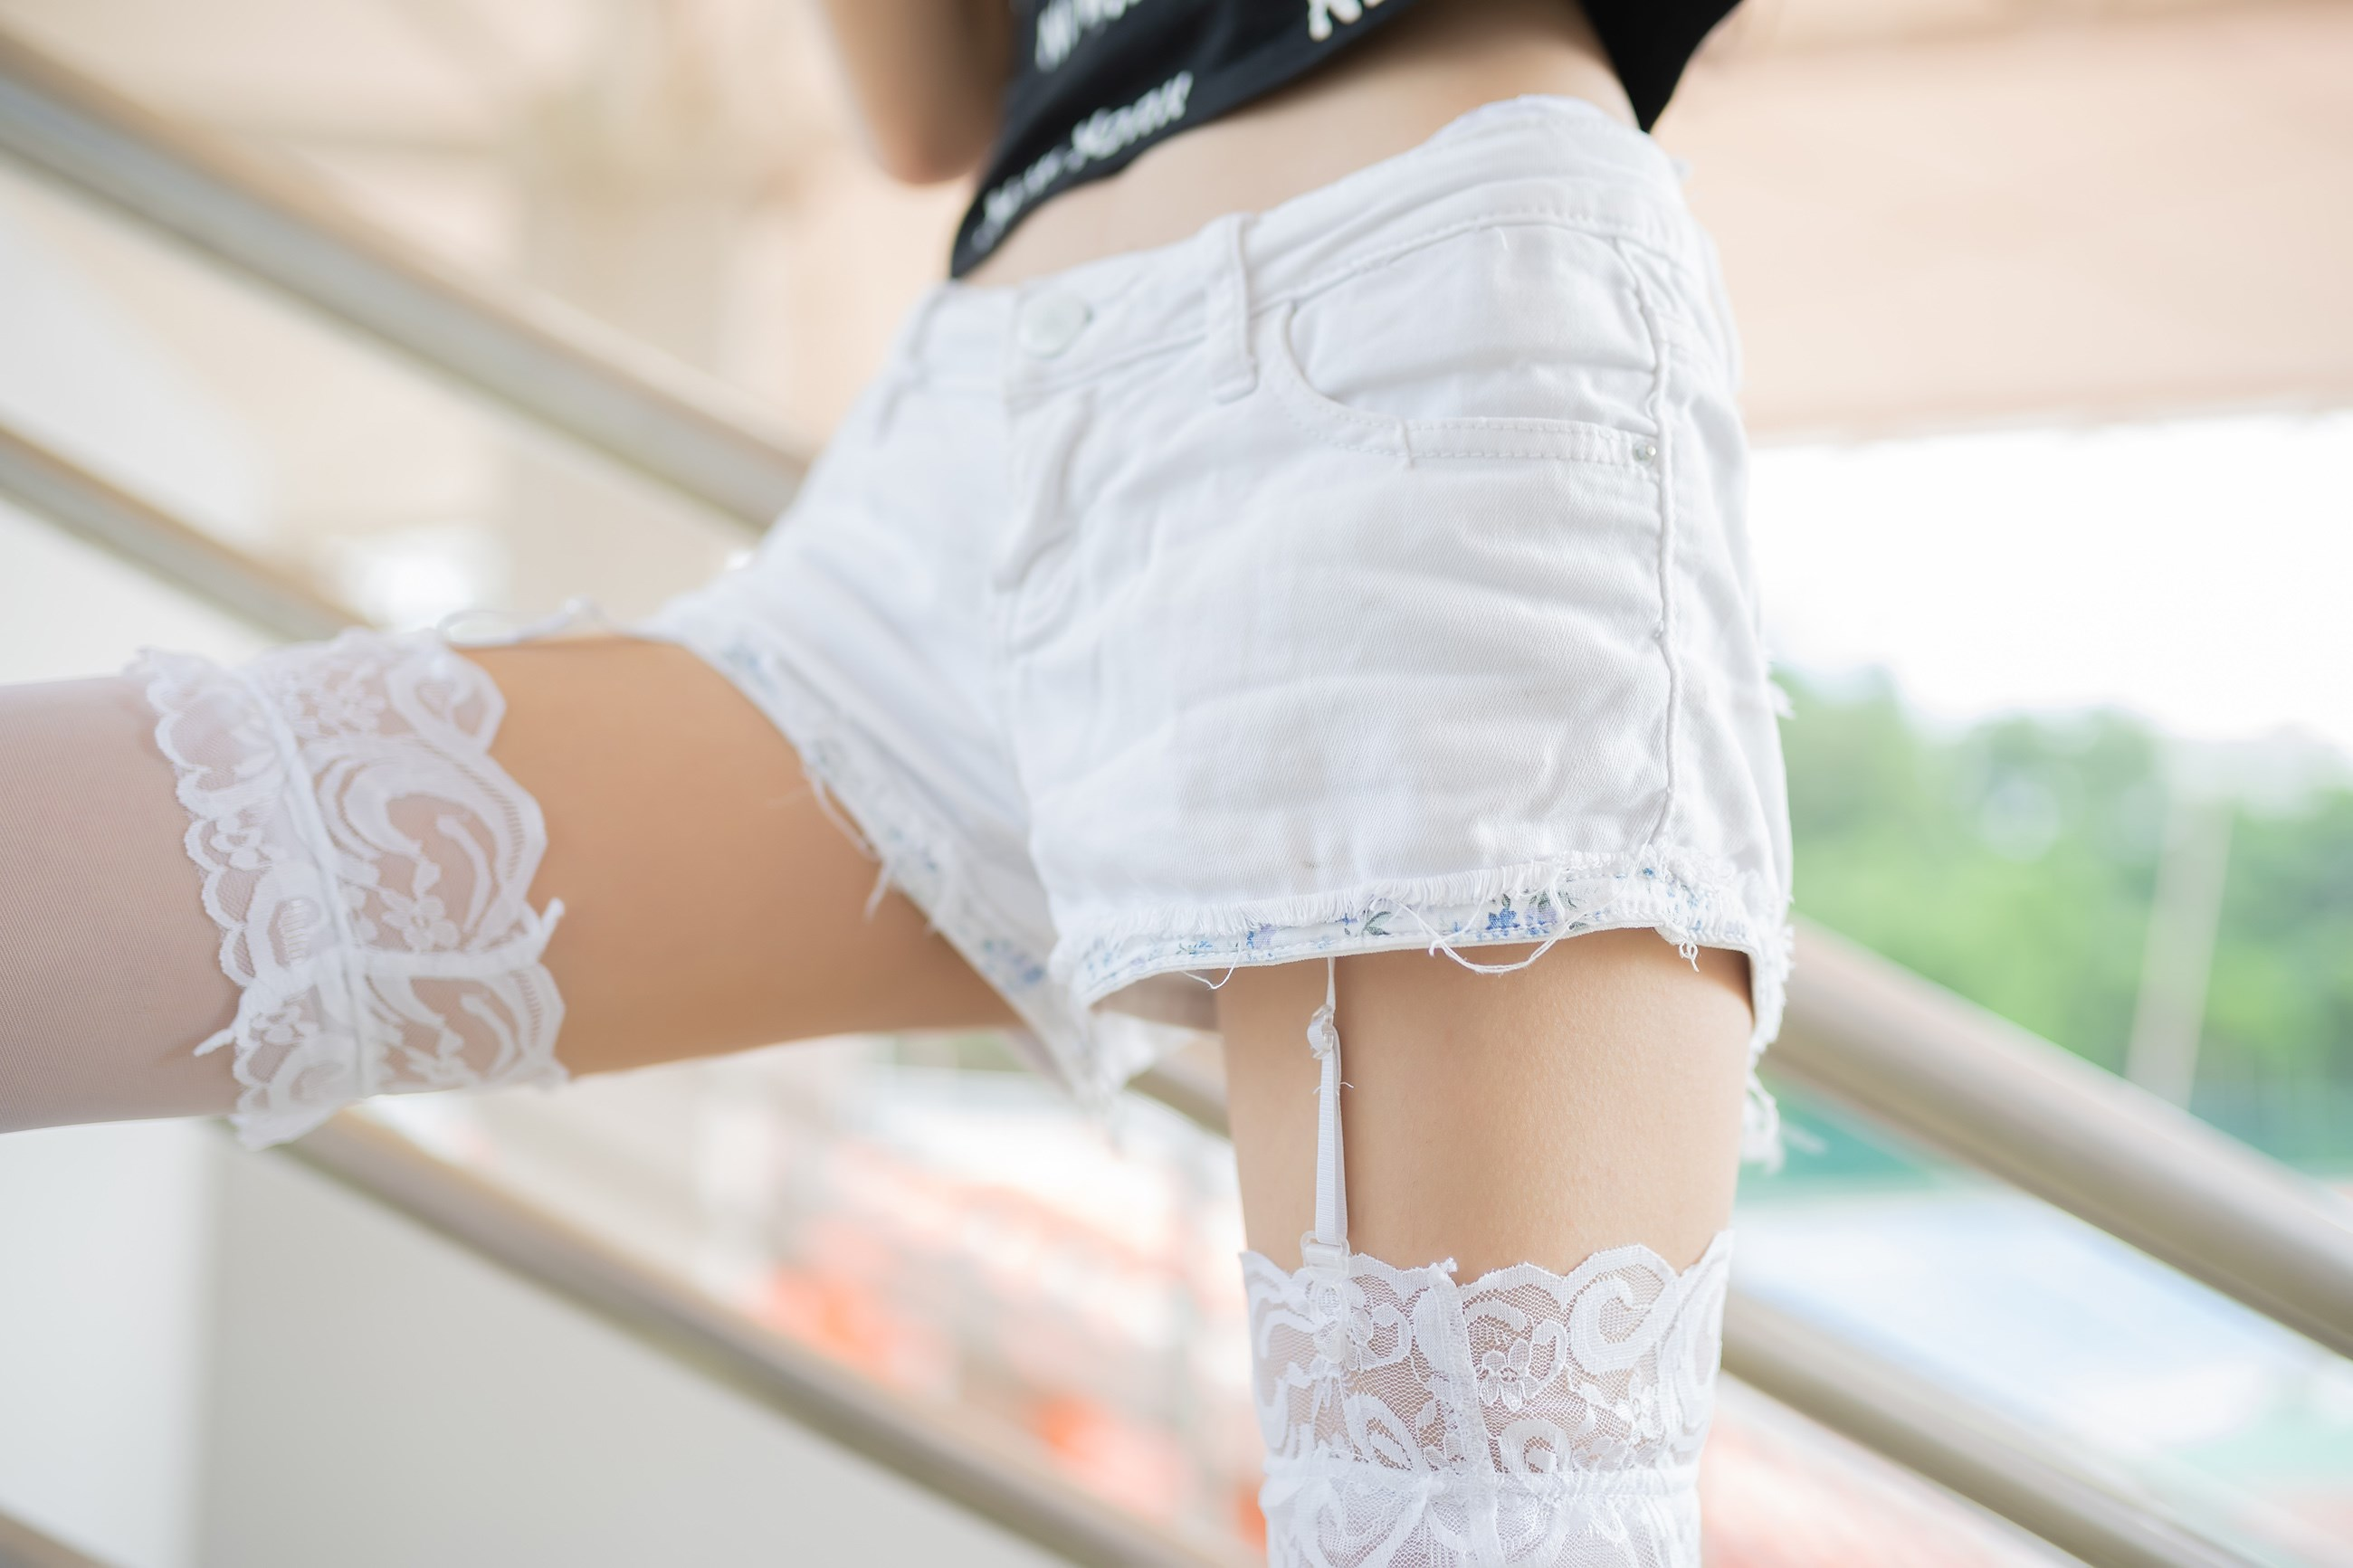 【兔玩映画】白丝吊带袜 兔玩映画 第37张